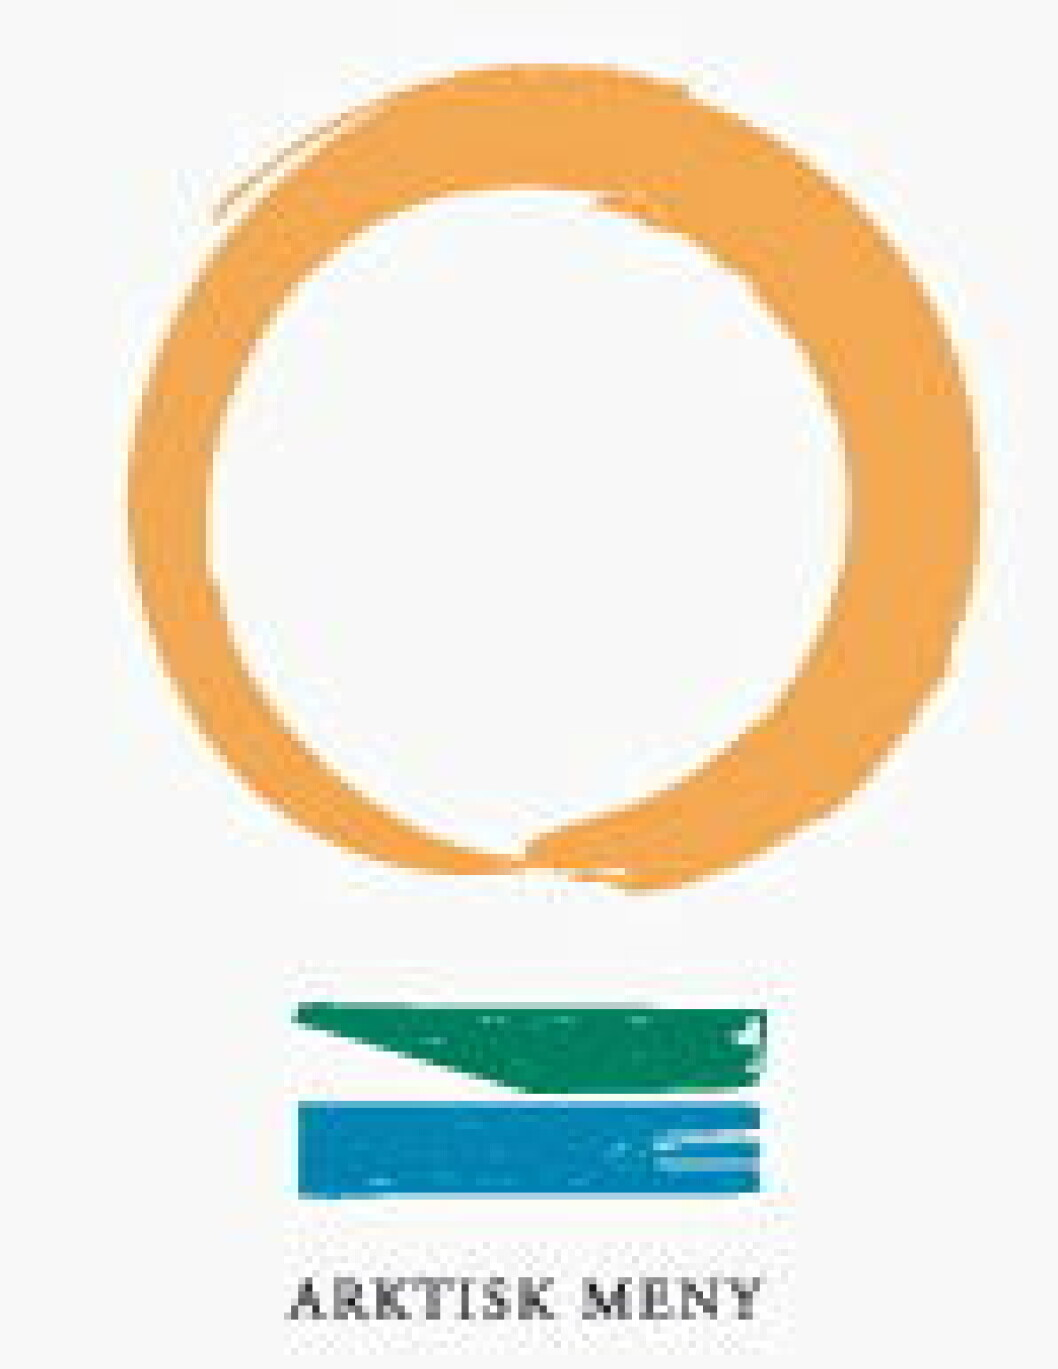 Arktisk meny logo